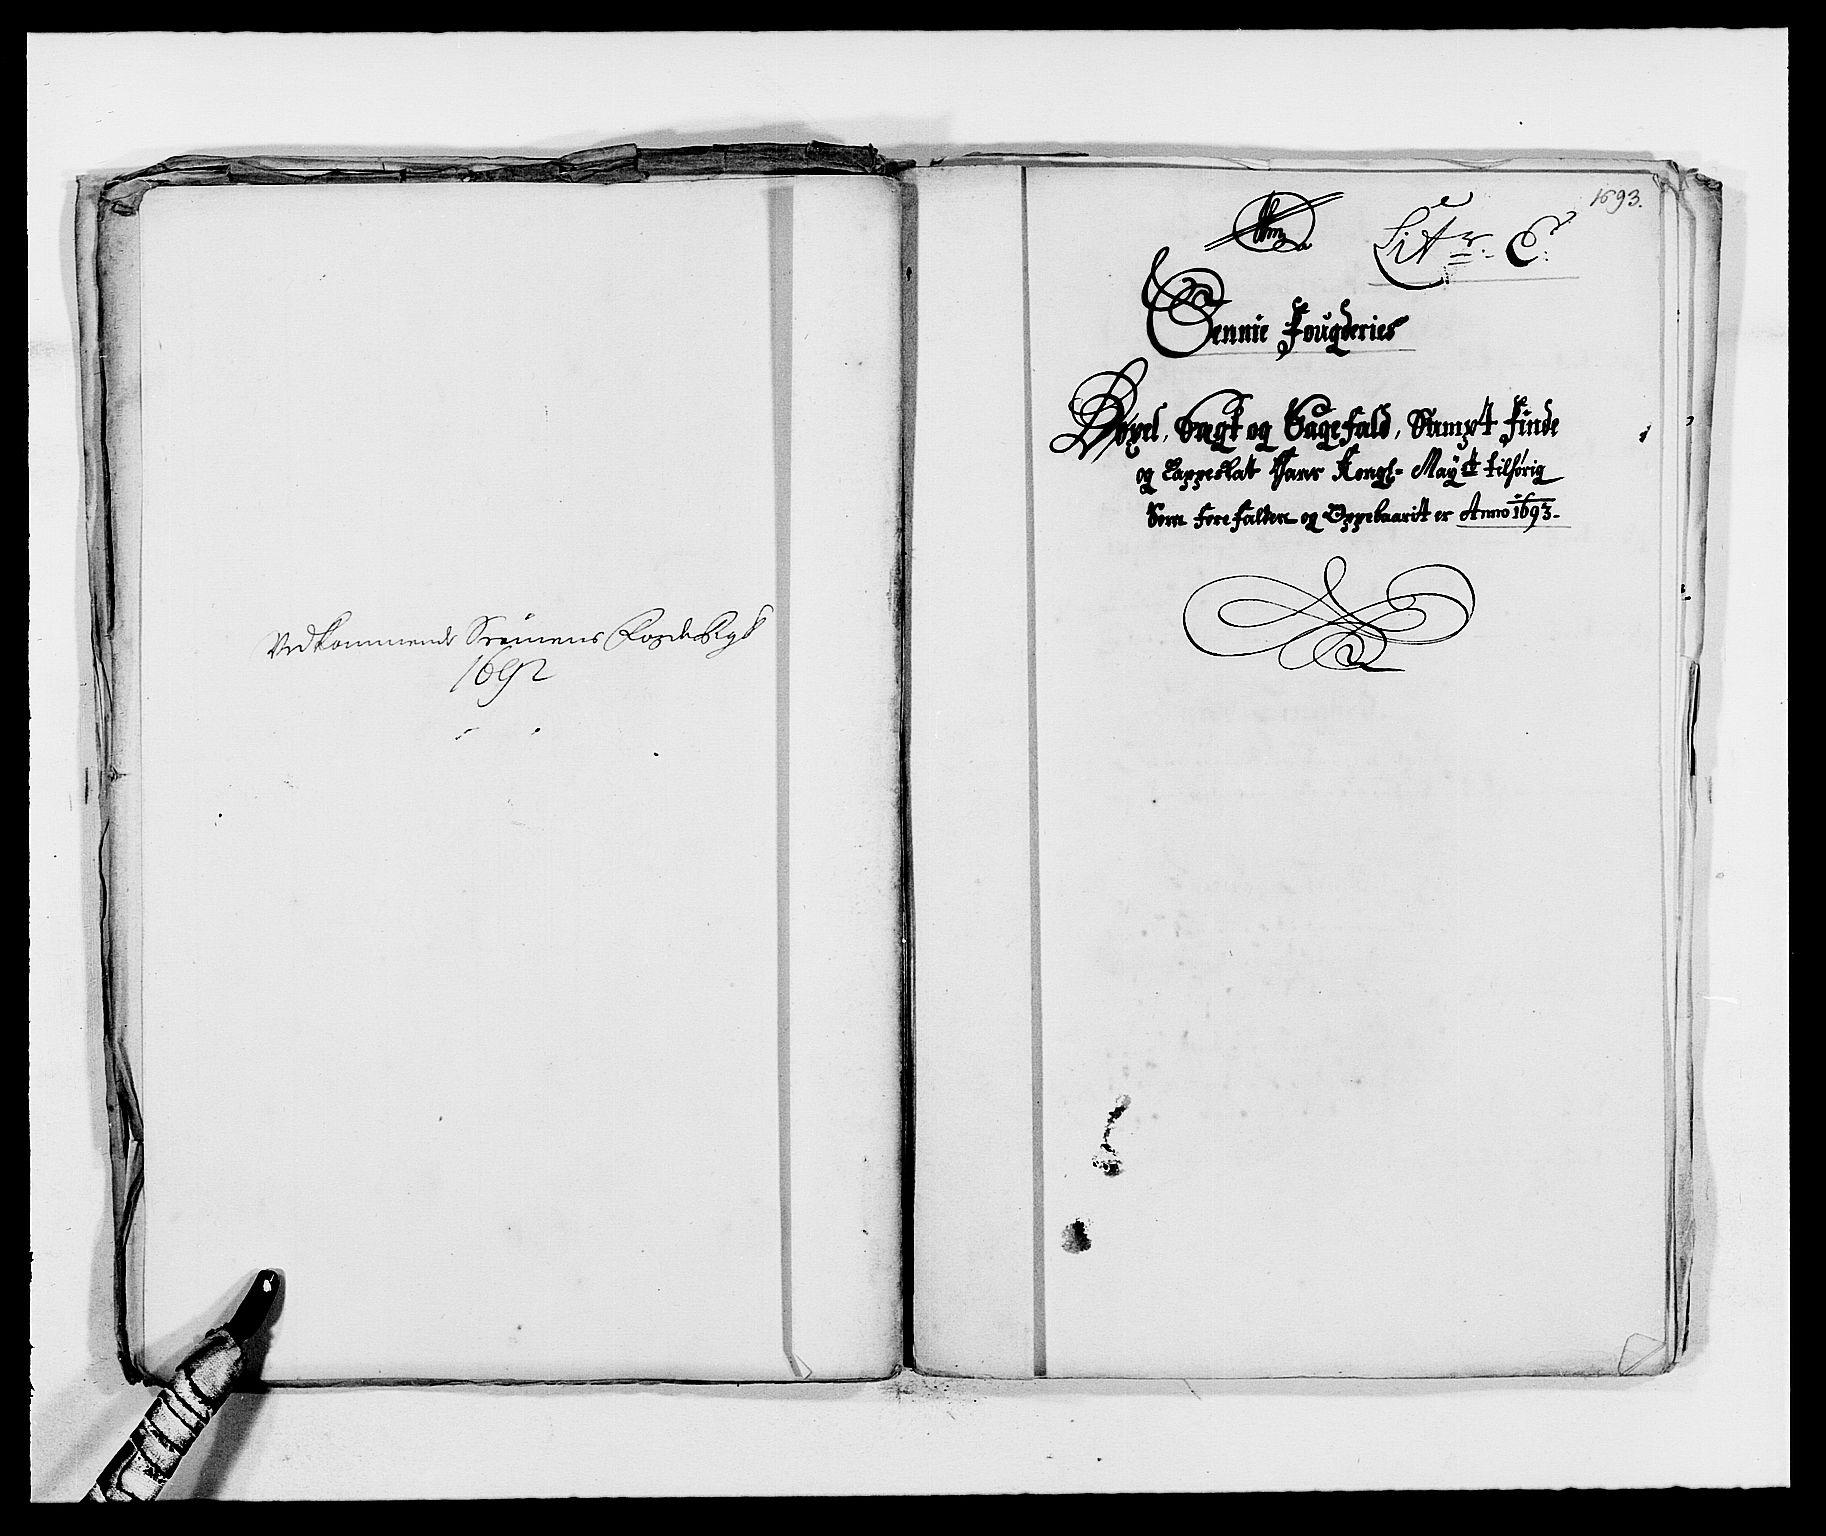 RA, Rentekammeret inntil 1814, Reviderte regnskaper, Fogderegnskap, R68/L4752: Fogderegnskap Senja og Troms, 1691-1693, s. 373